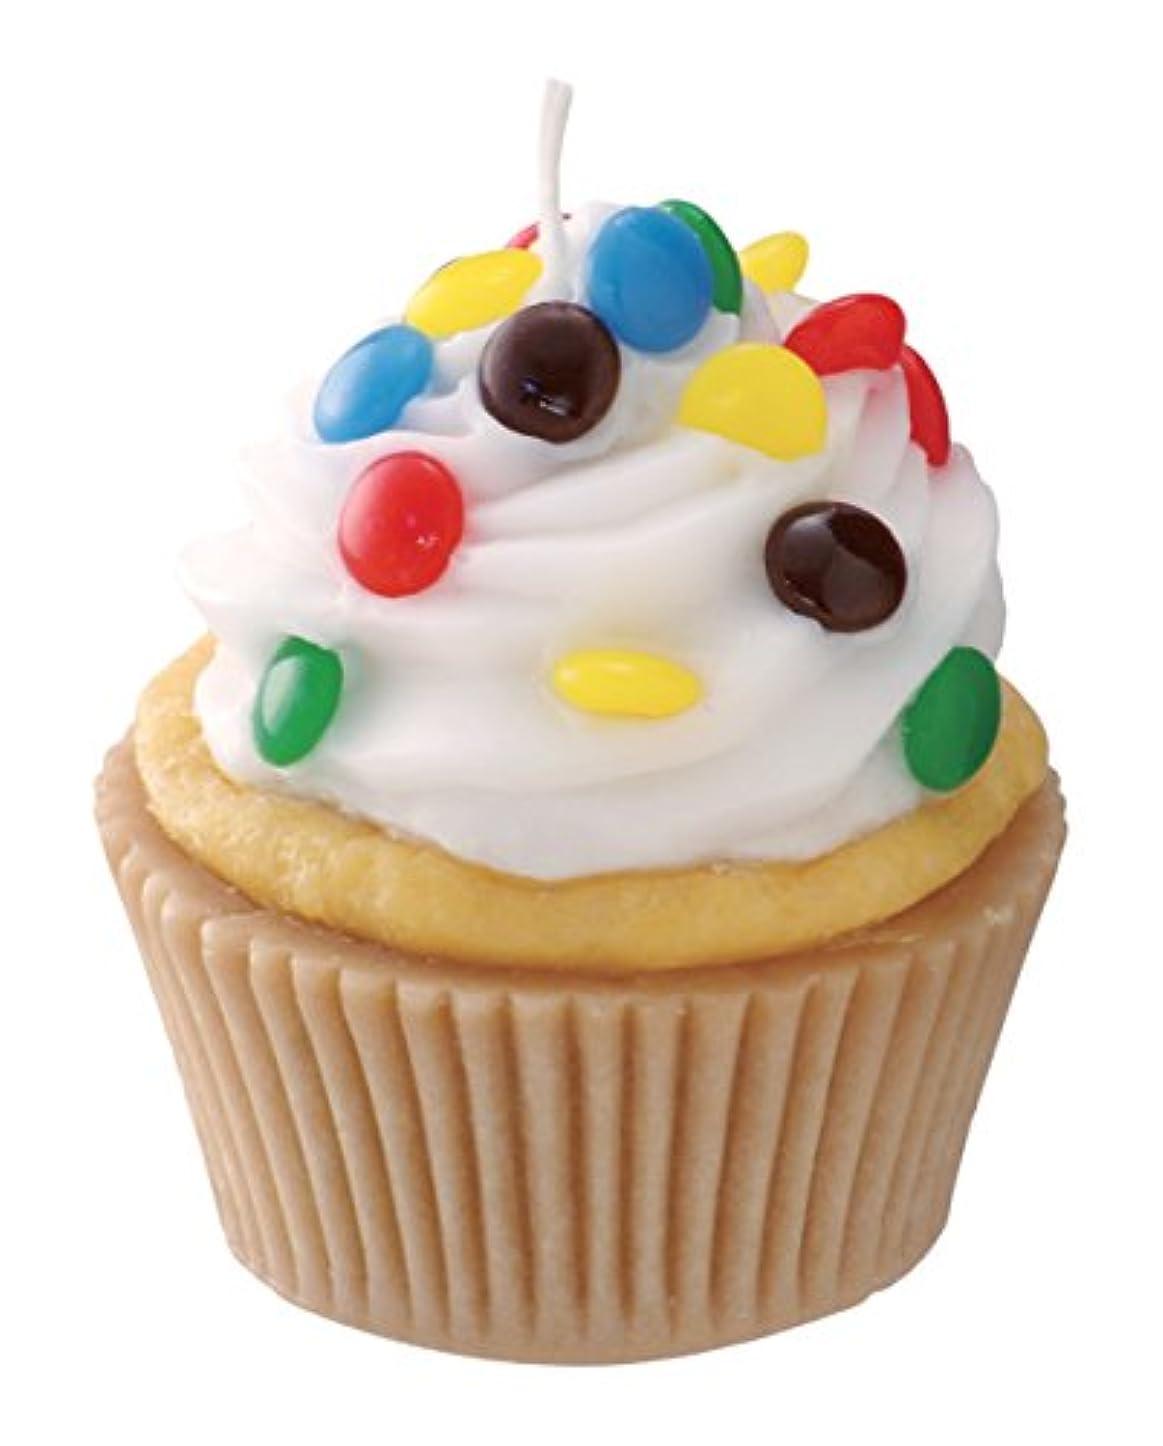 閲覧する知覚売り手カメヤマキャンドルハウス 本物そっくり! アメリカンカップケーキキャンドル ホワイトクリーム チョコレートの香り